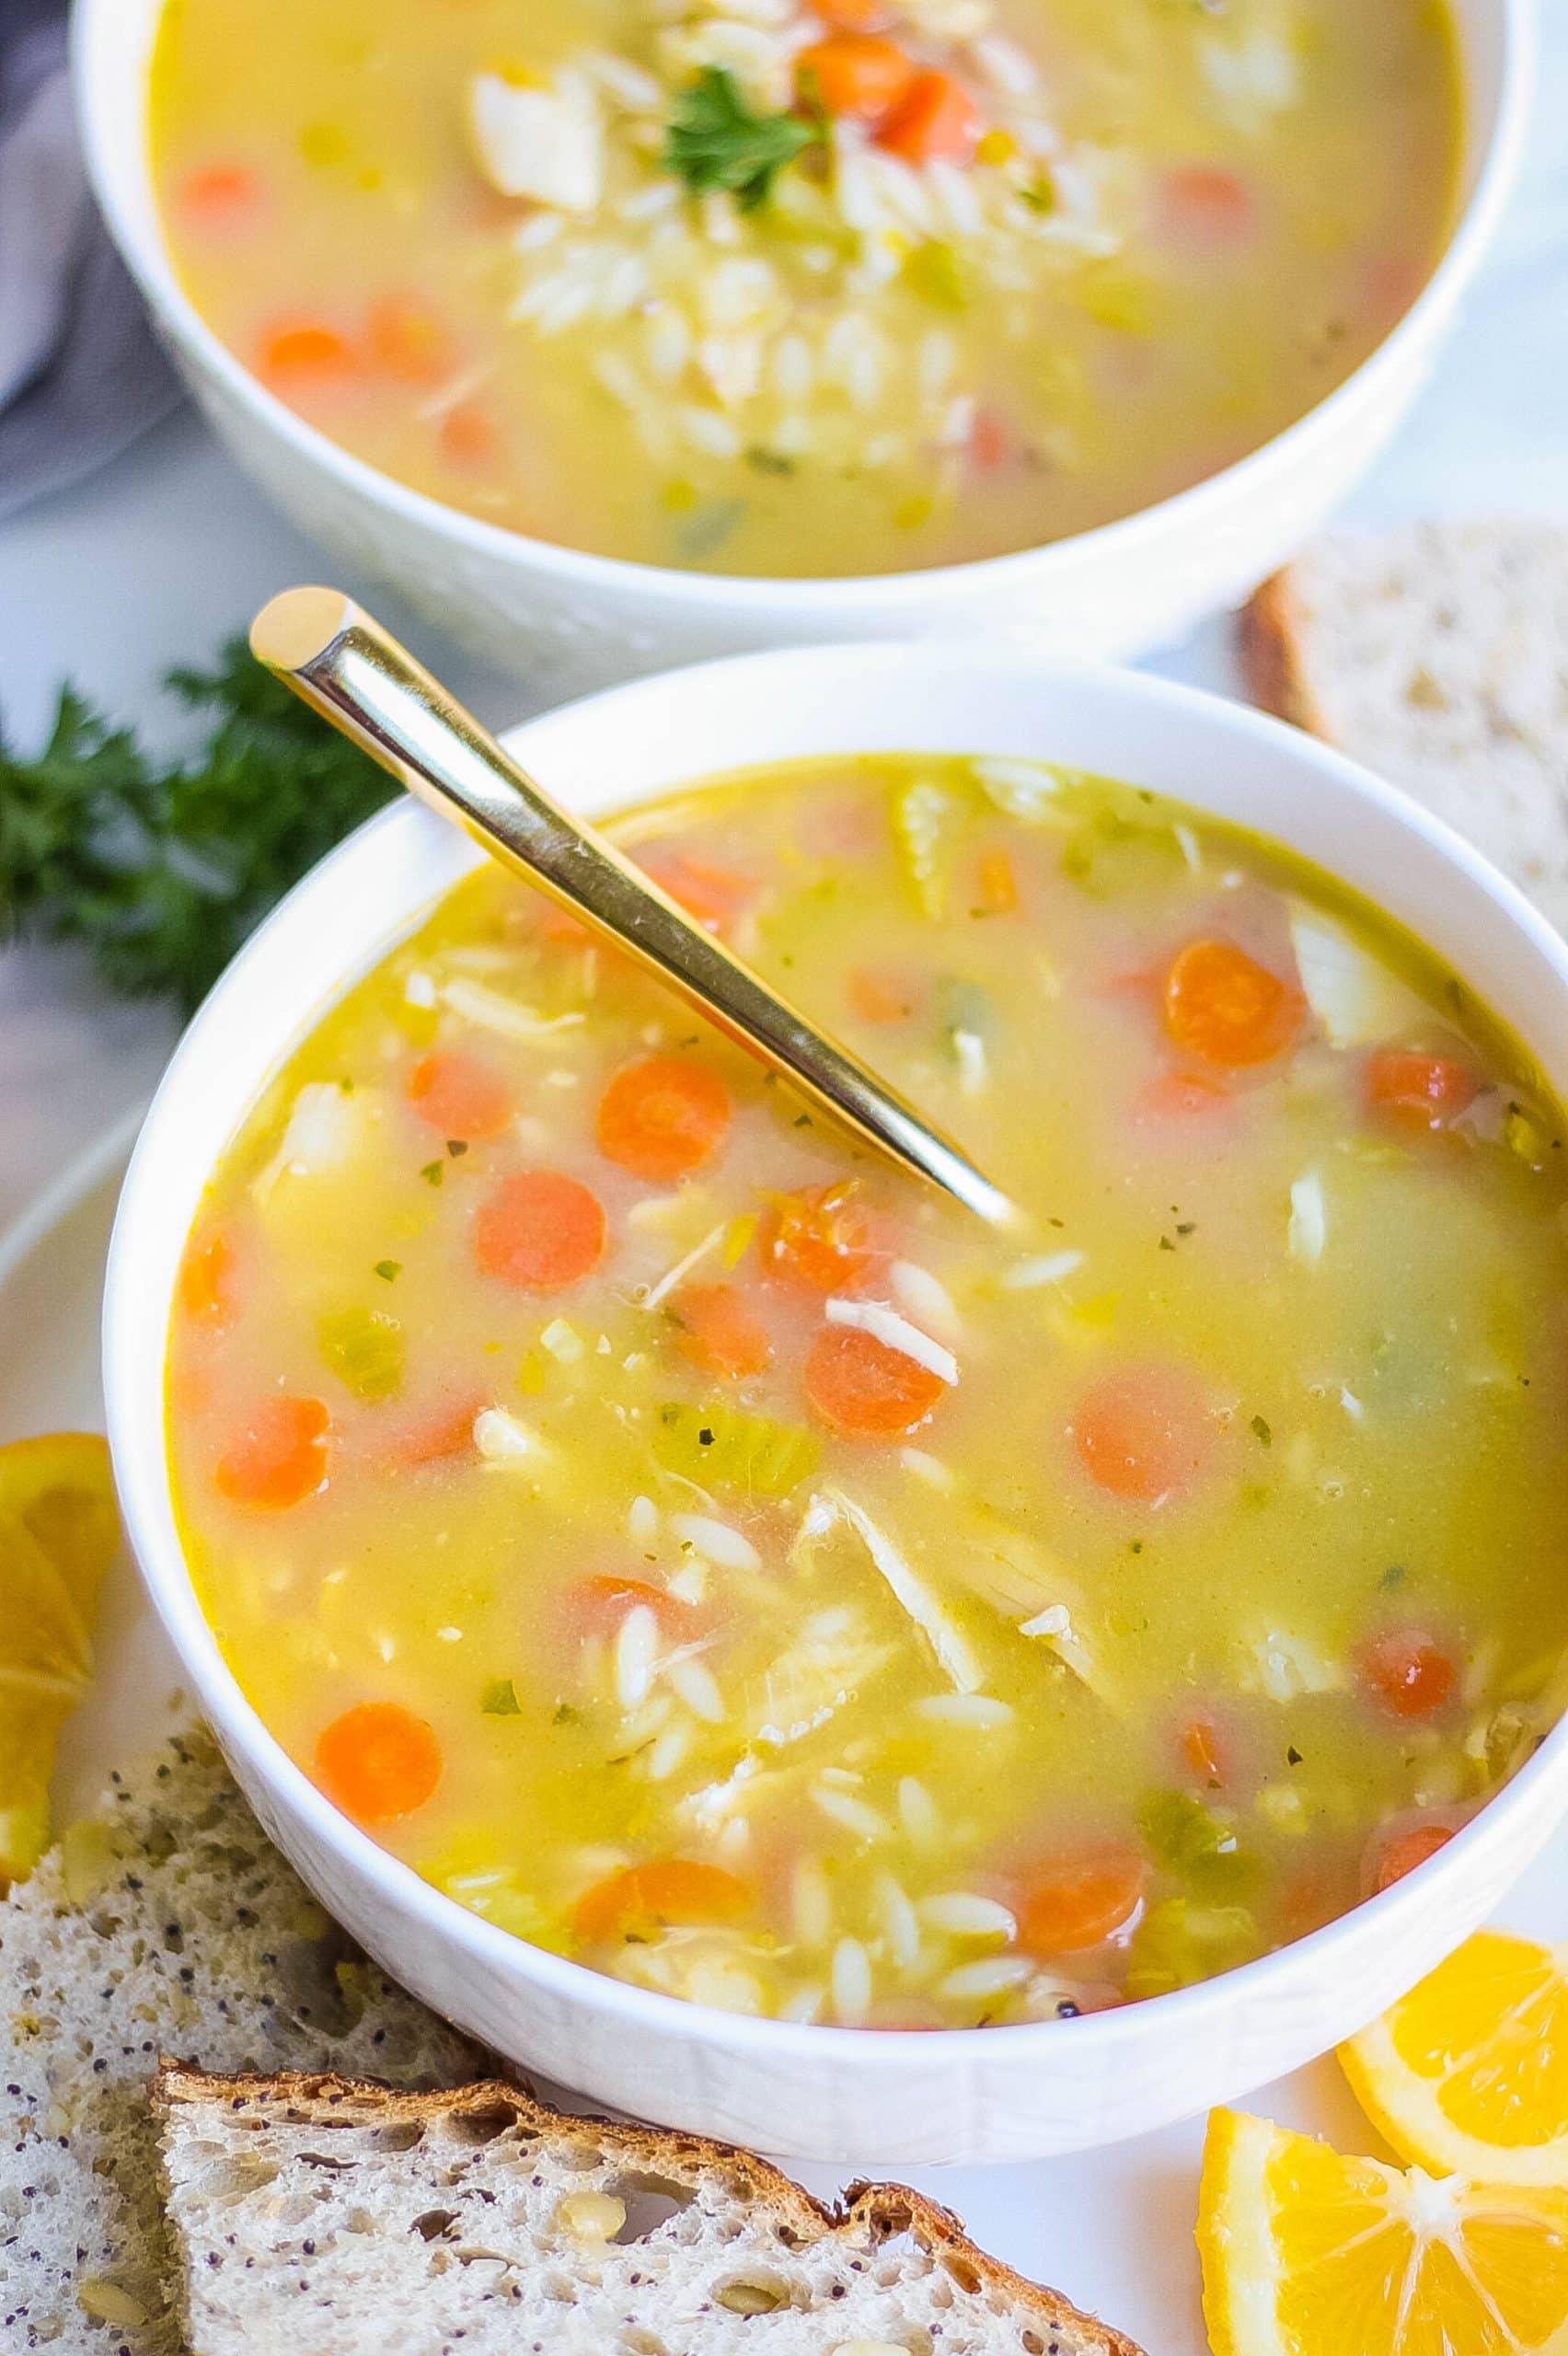 Bowl of lemon chicken orzo soup